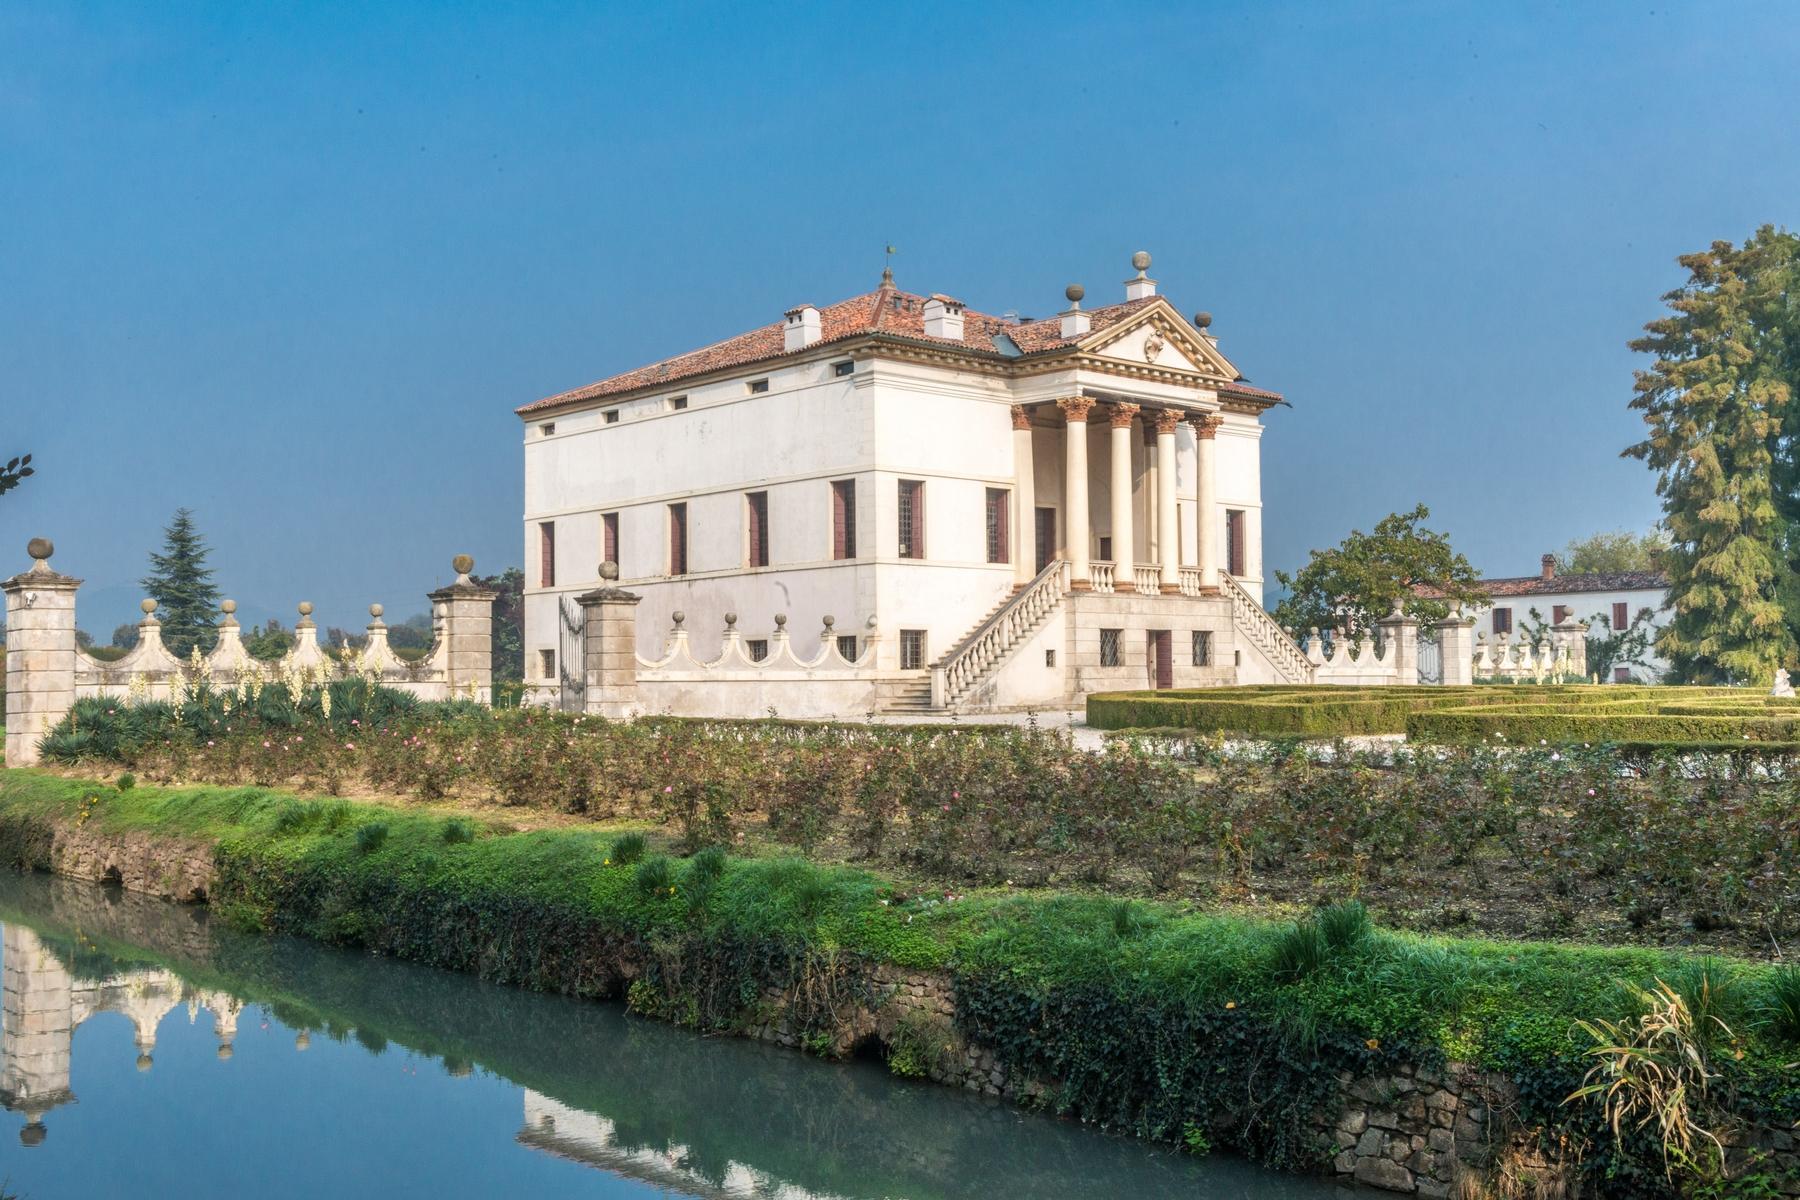 具有历史和艺术价值的豪宅 - 26